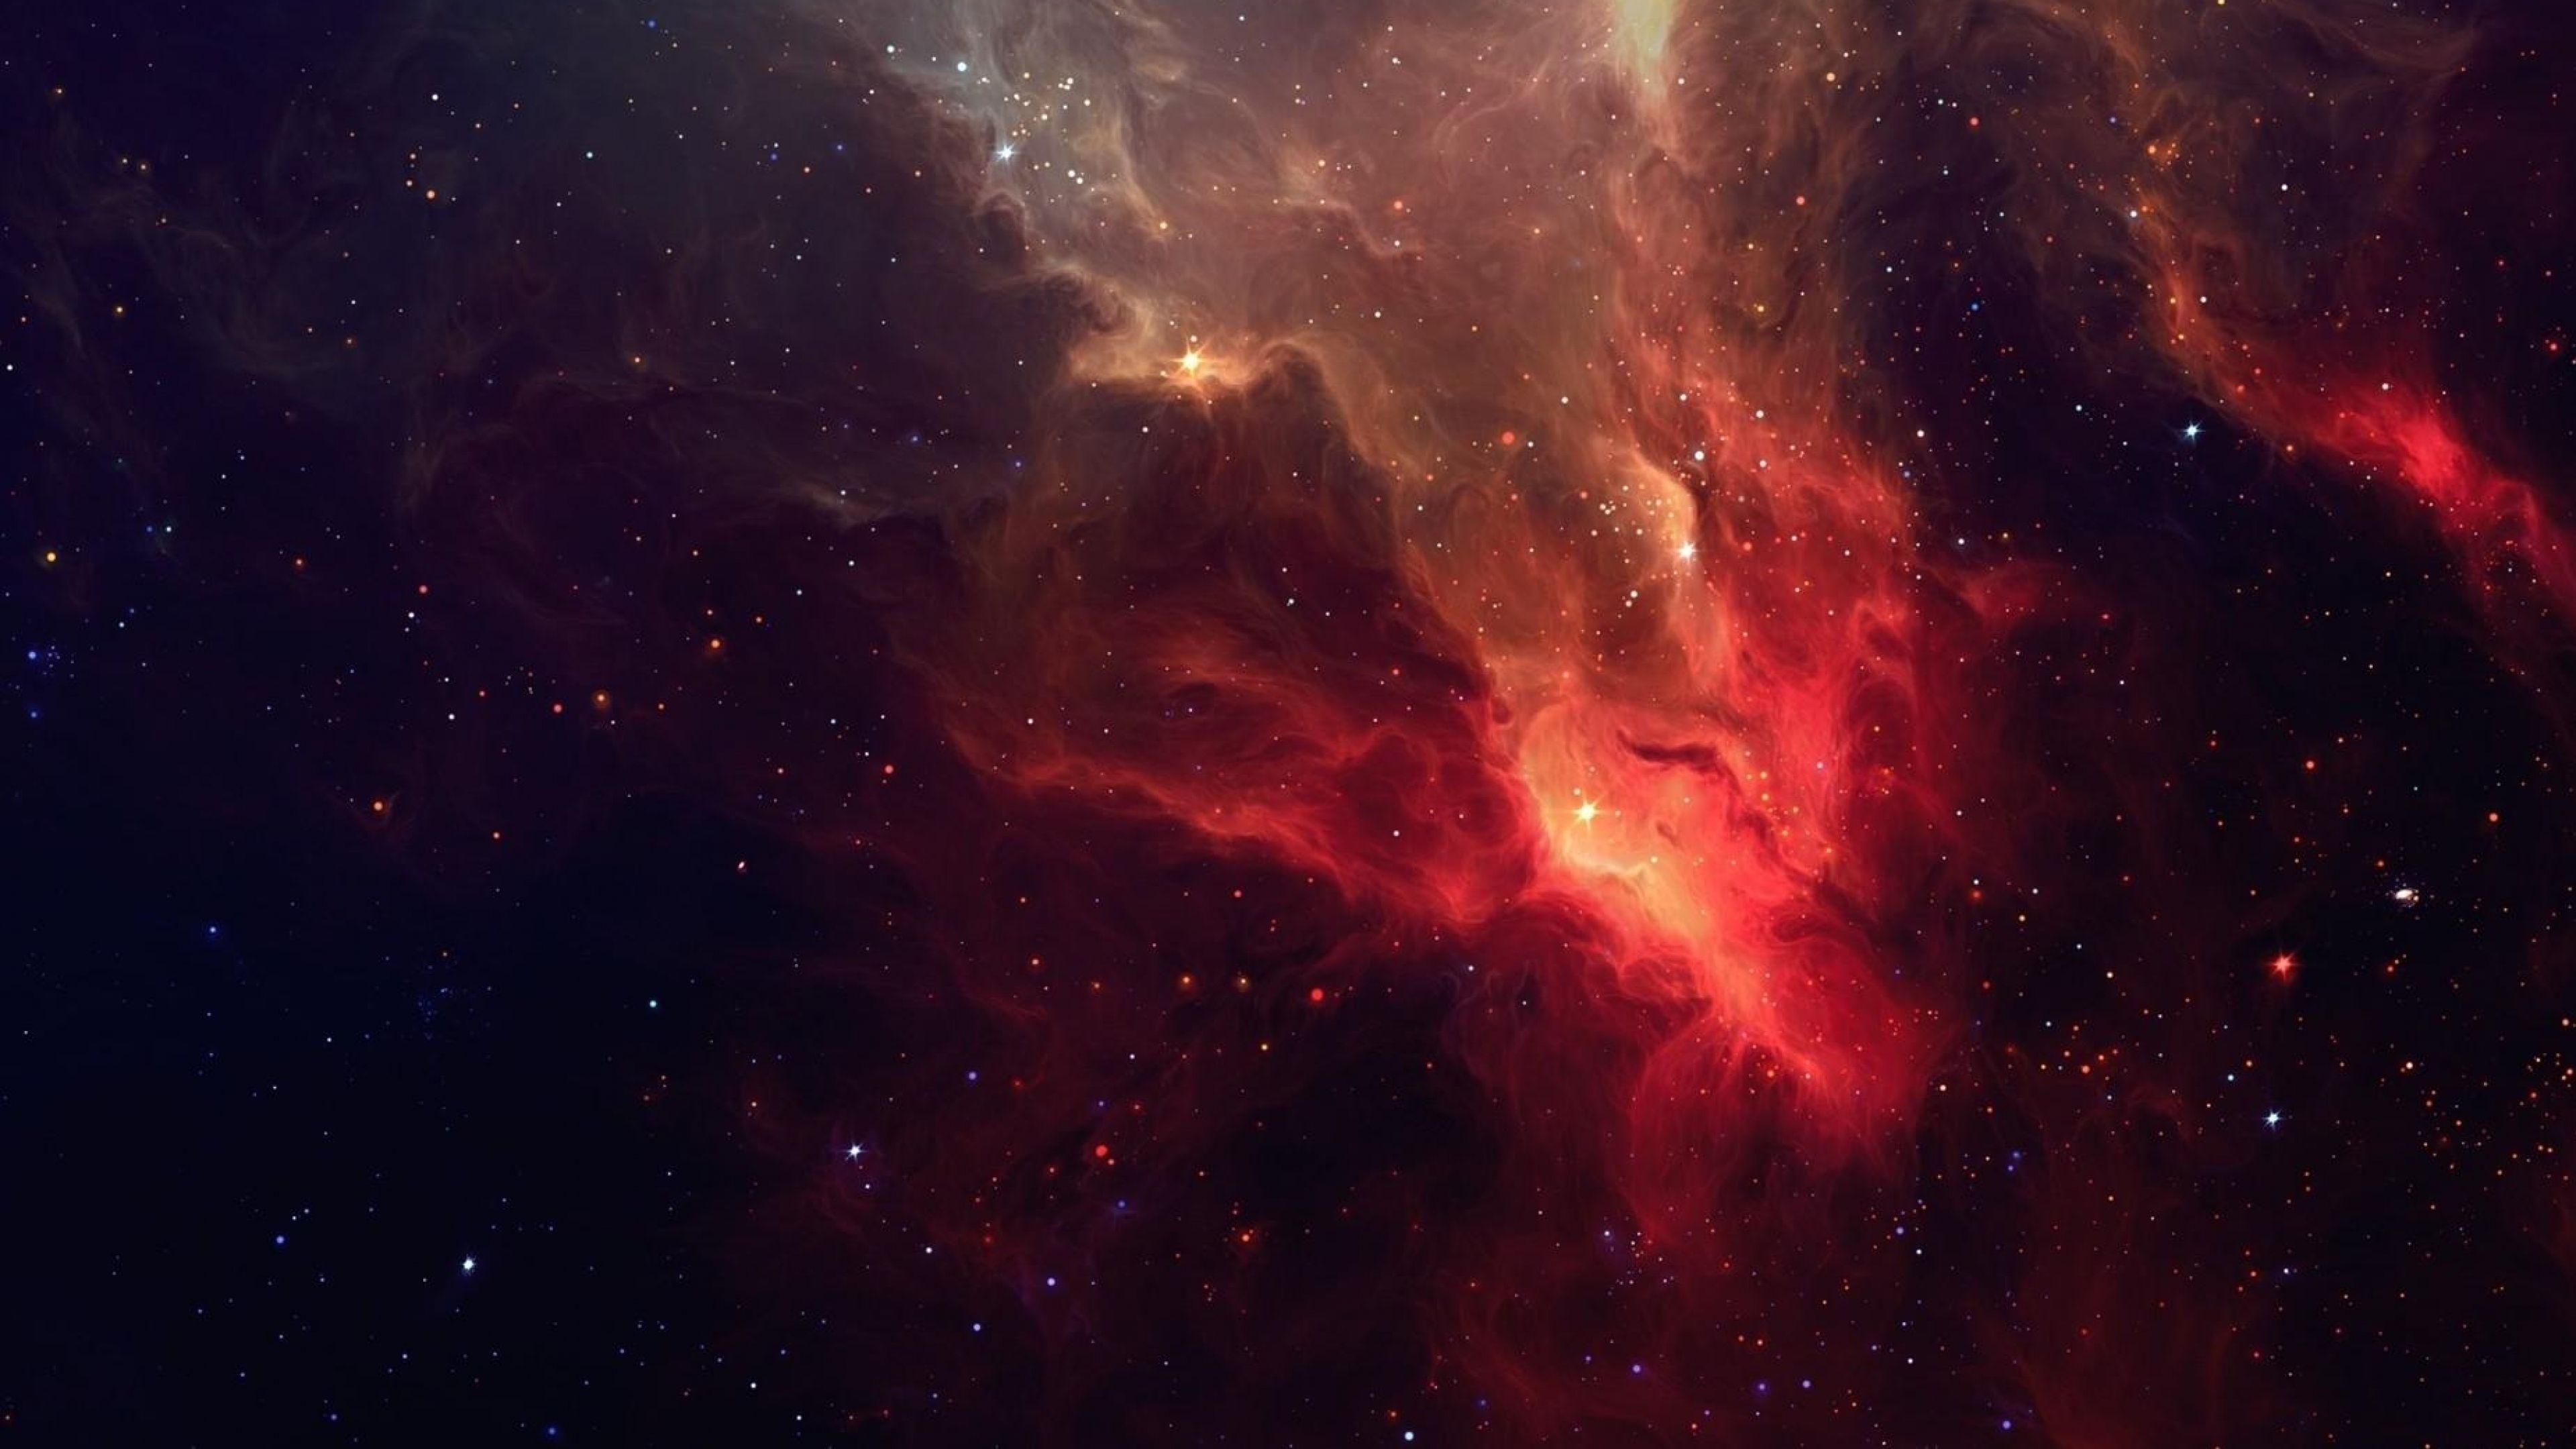 ultra hd wallpaper, flower 4k | wallpaper 3840x2160 galaxy, stars